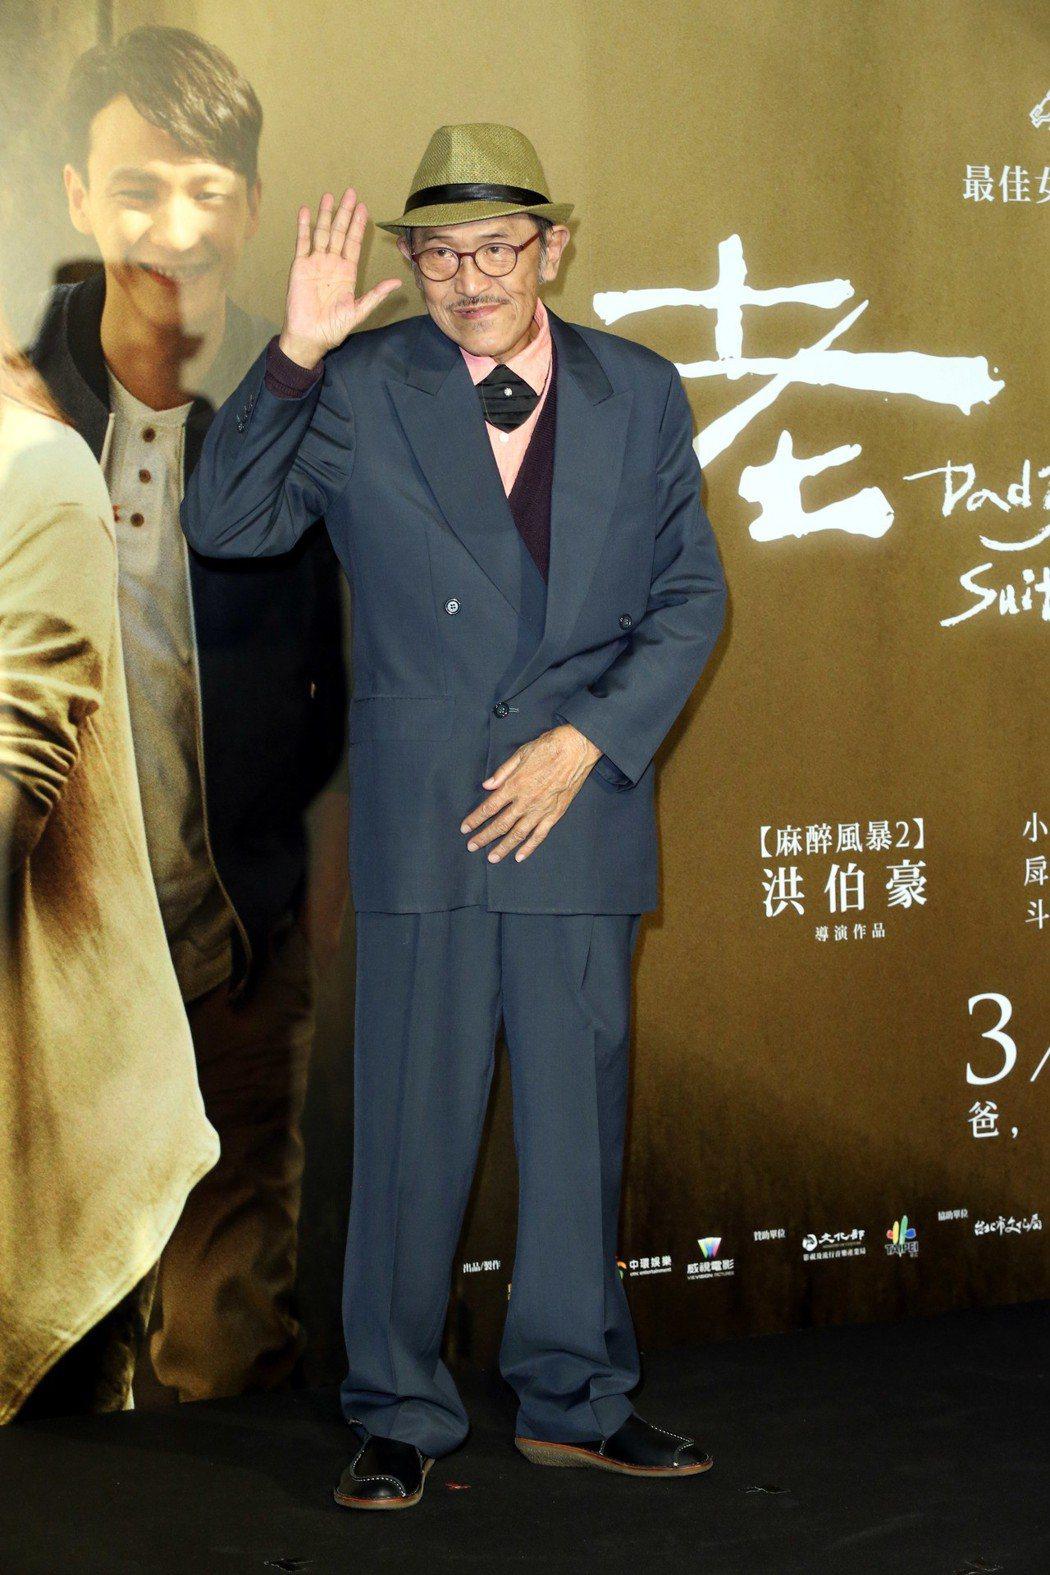 電影老大人首映會,演員小戽斗老當益壯喜感十足。記者林俊良/攝影